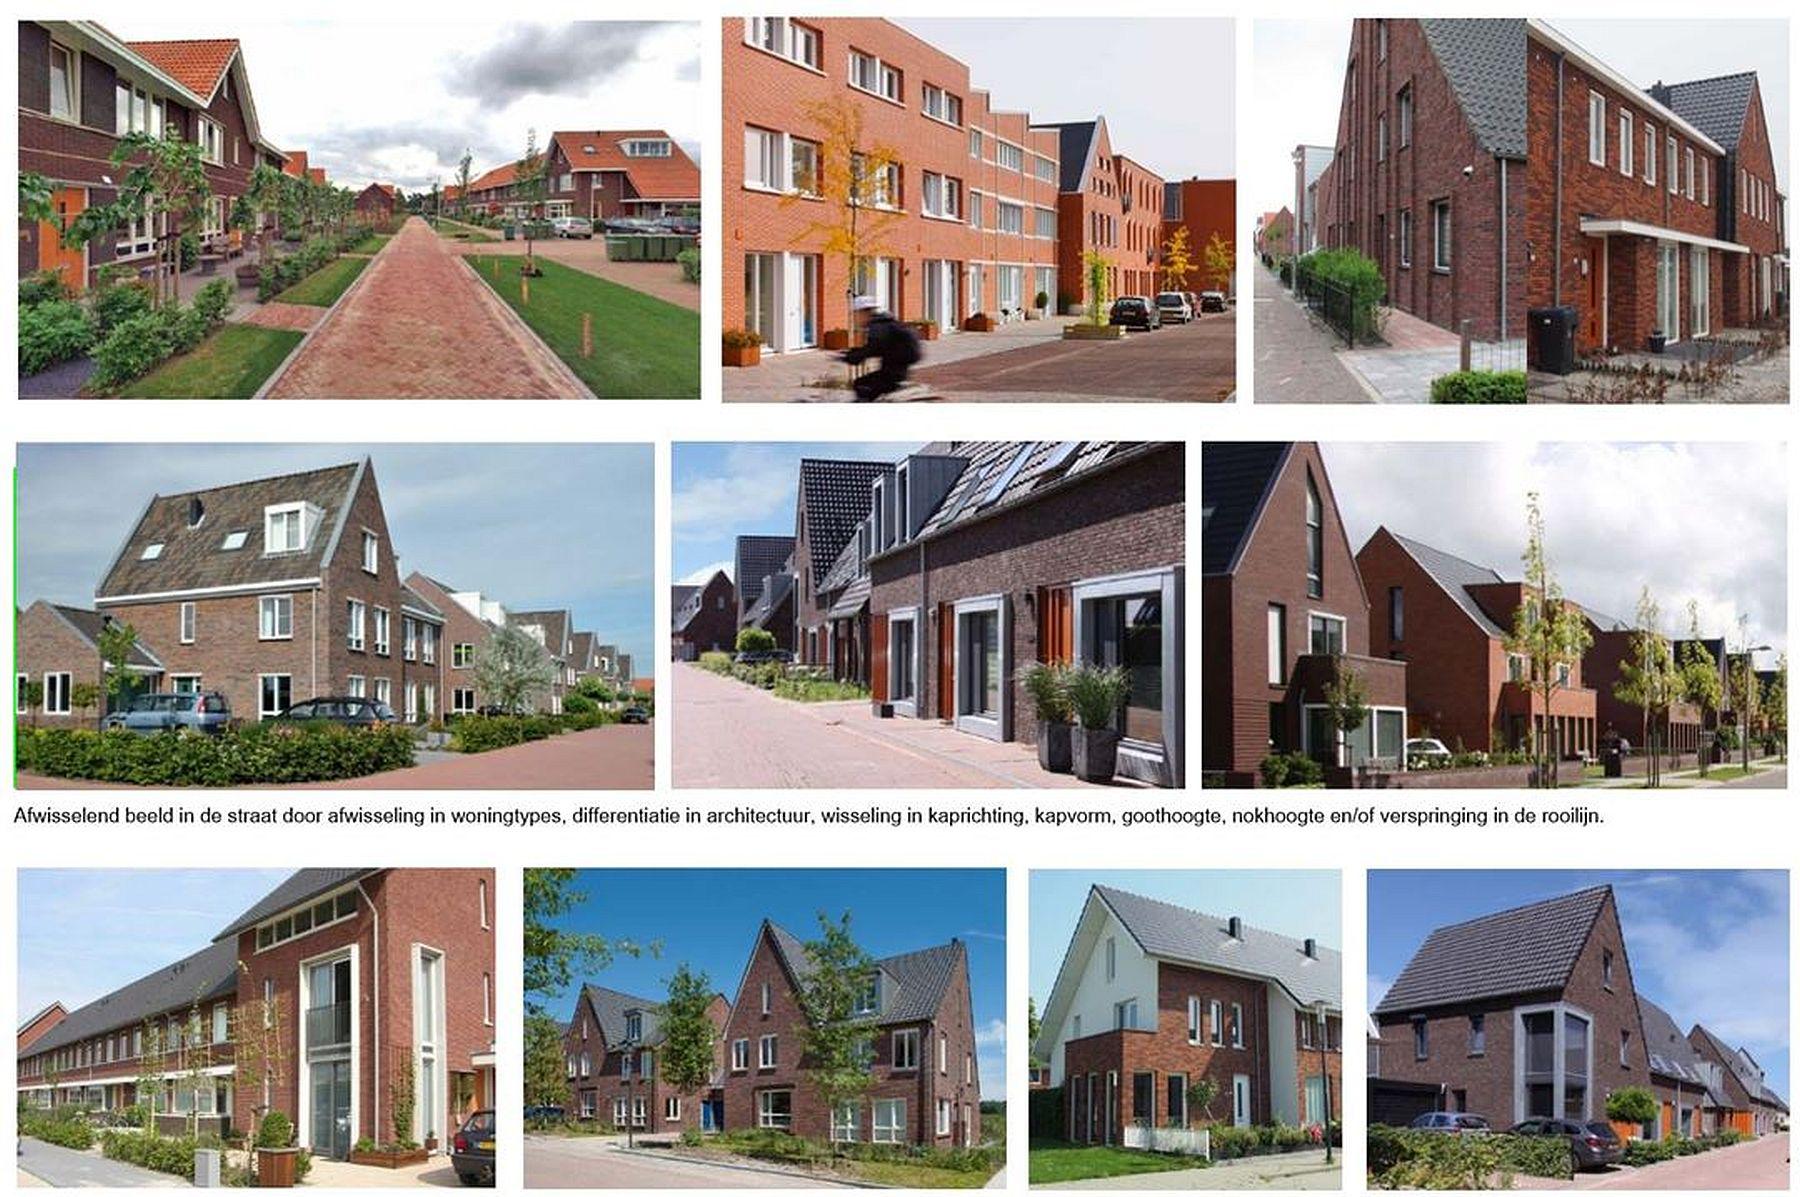 Nieuwbouwproject Nieuwe Stijl in Ede